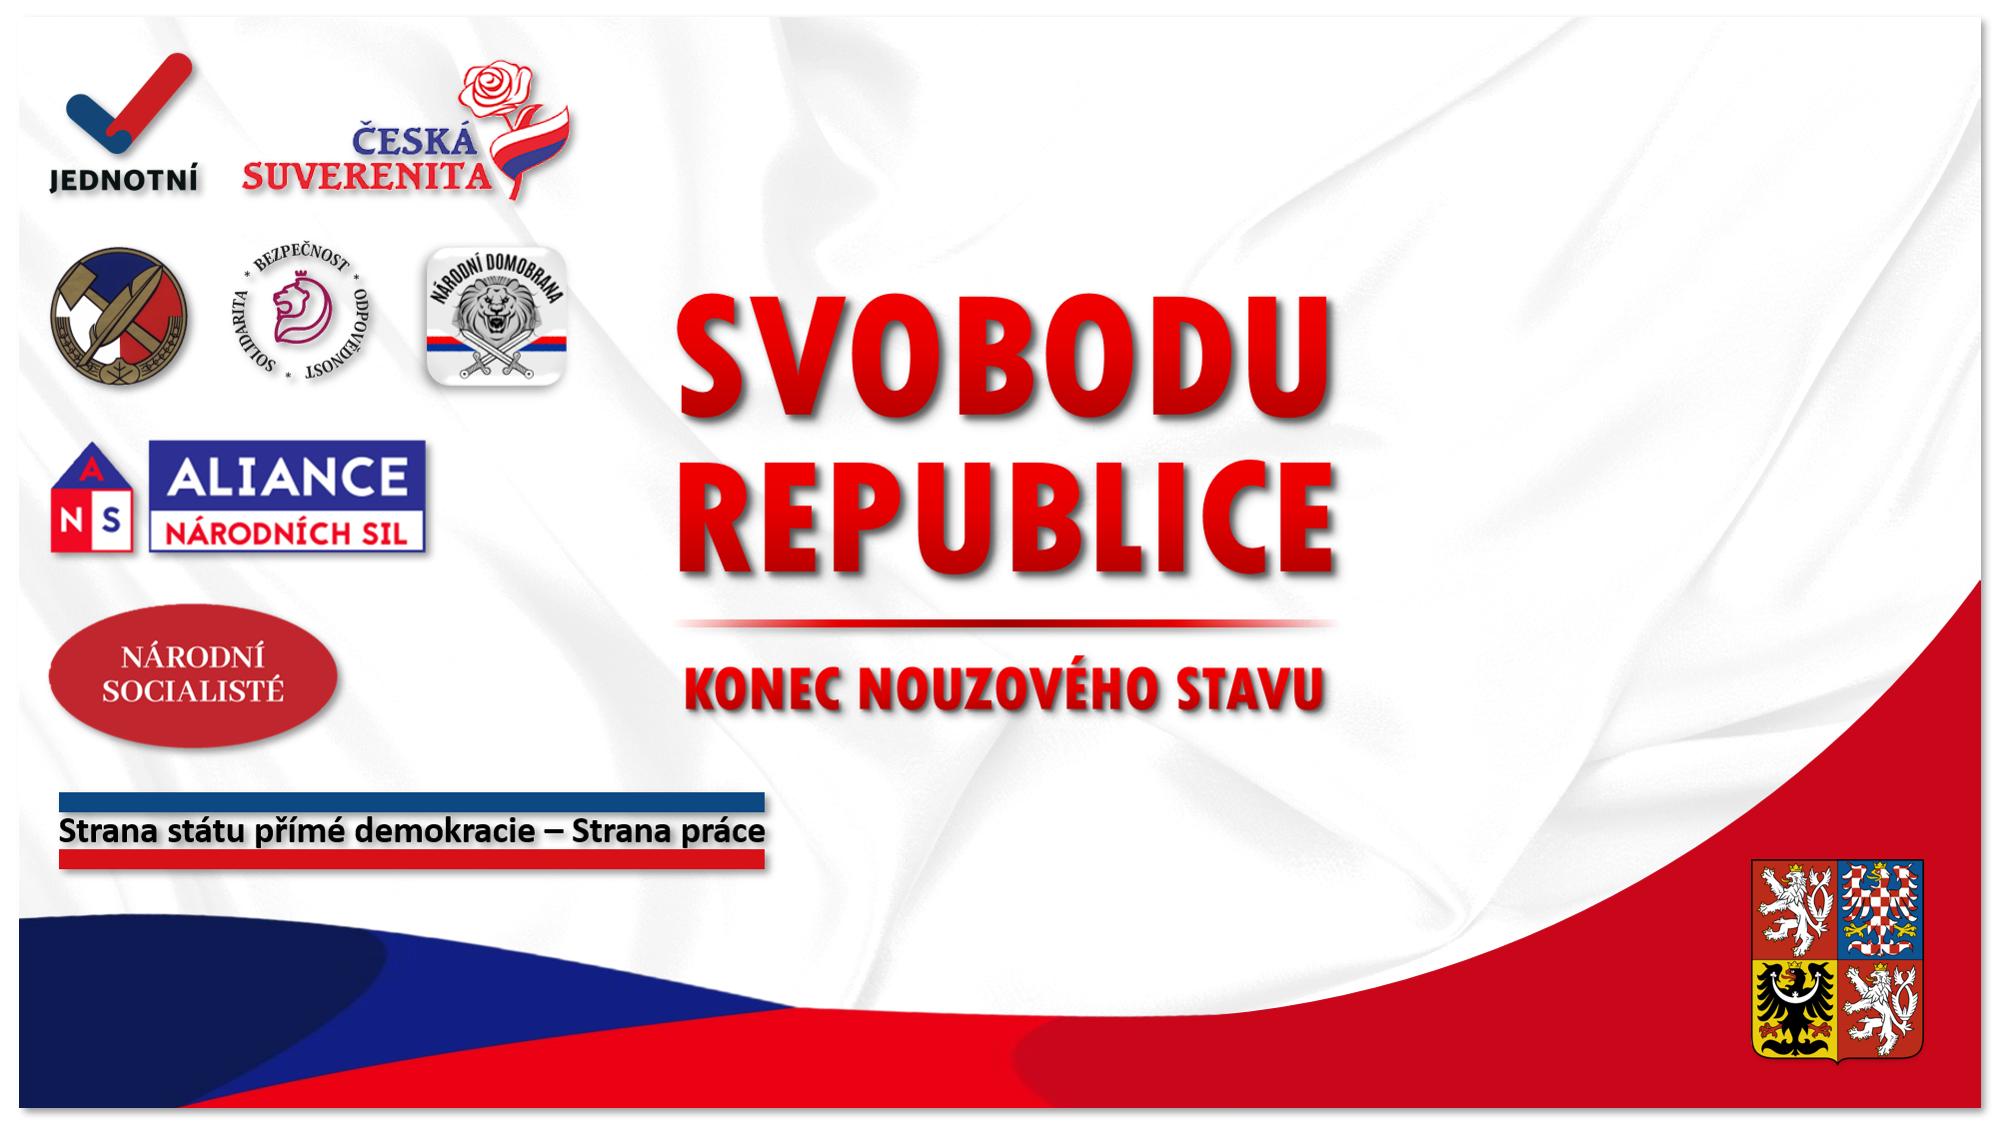 Svobodu republice